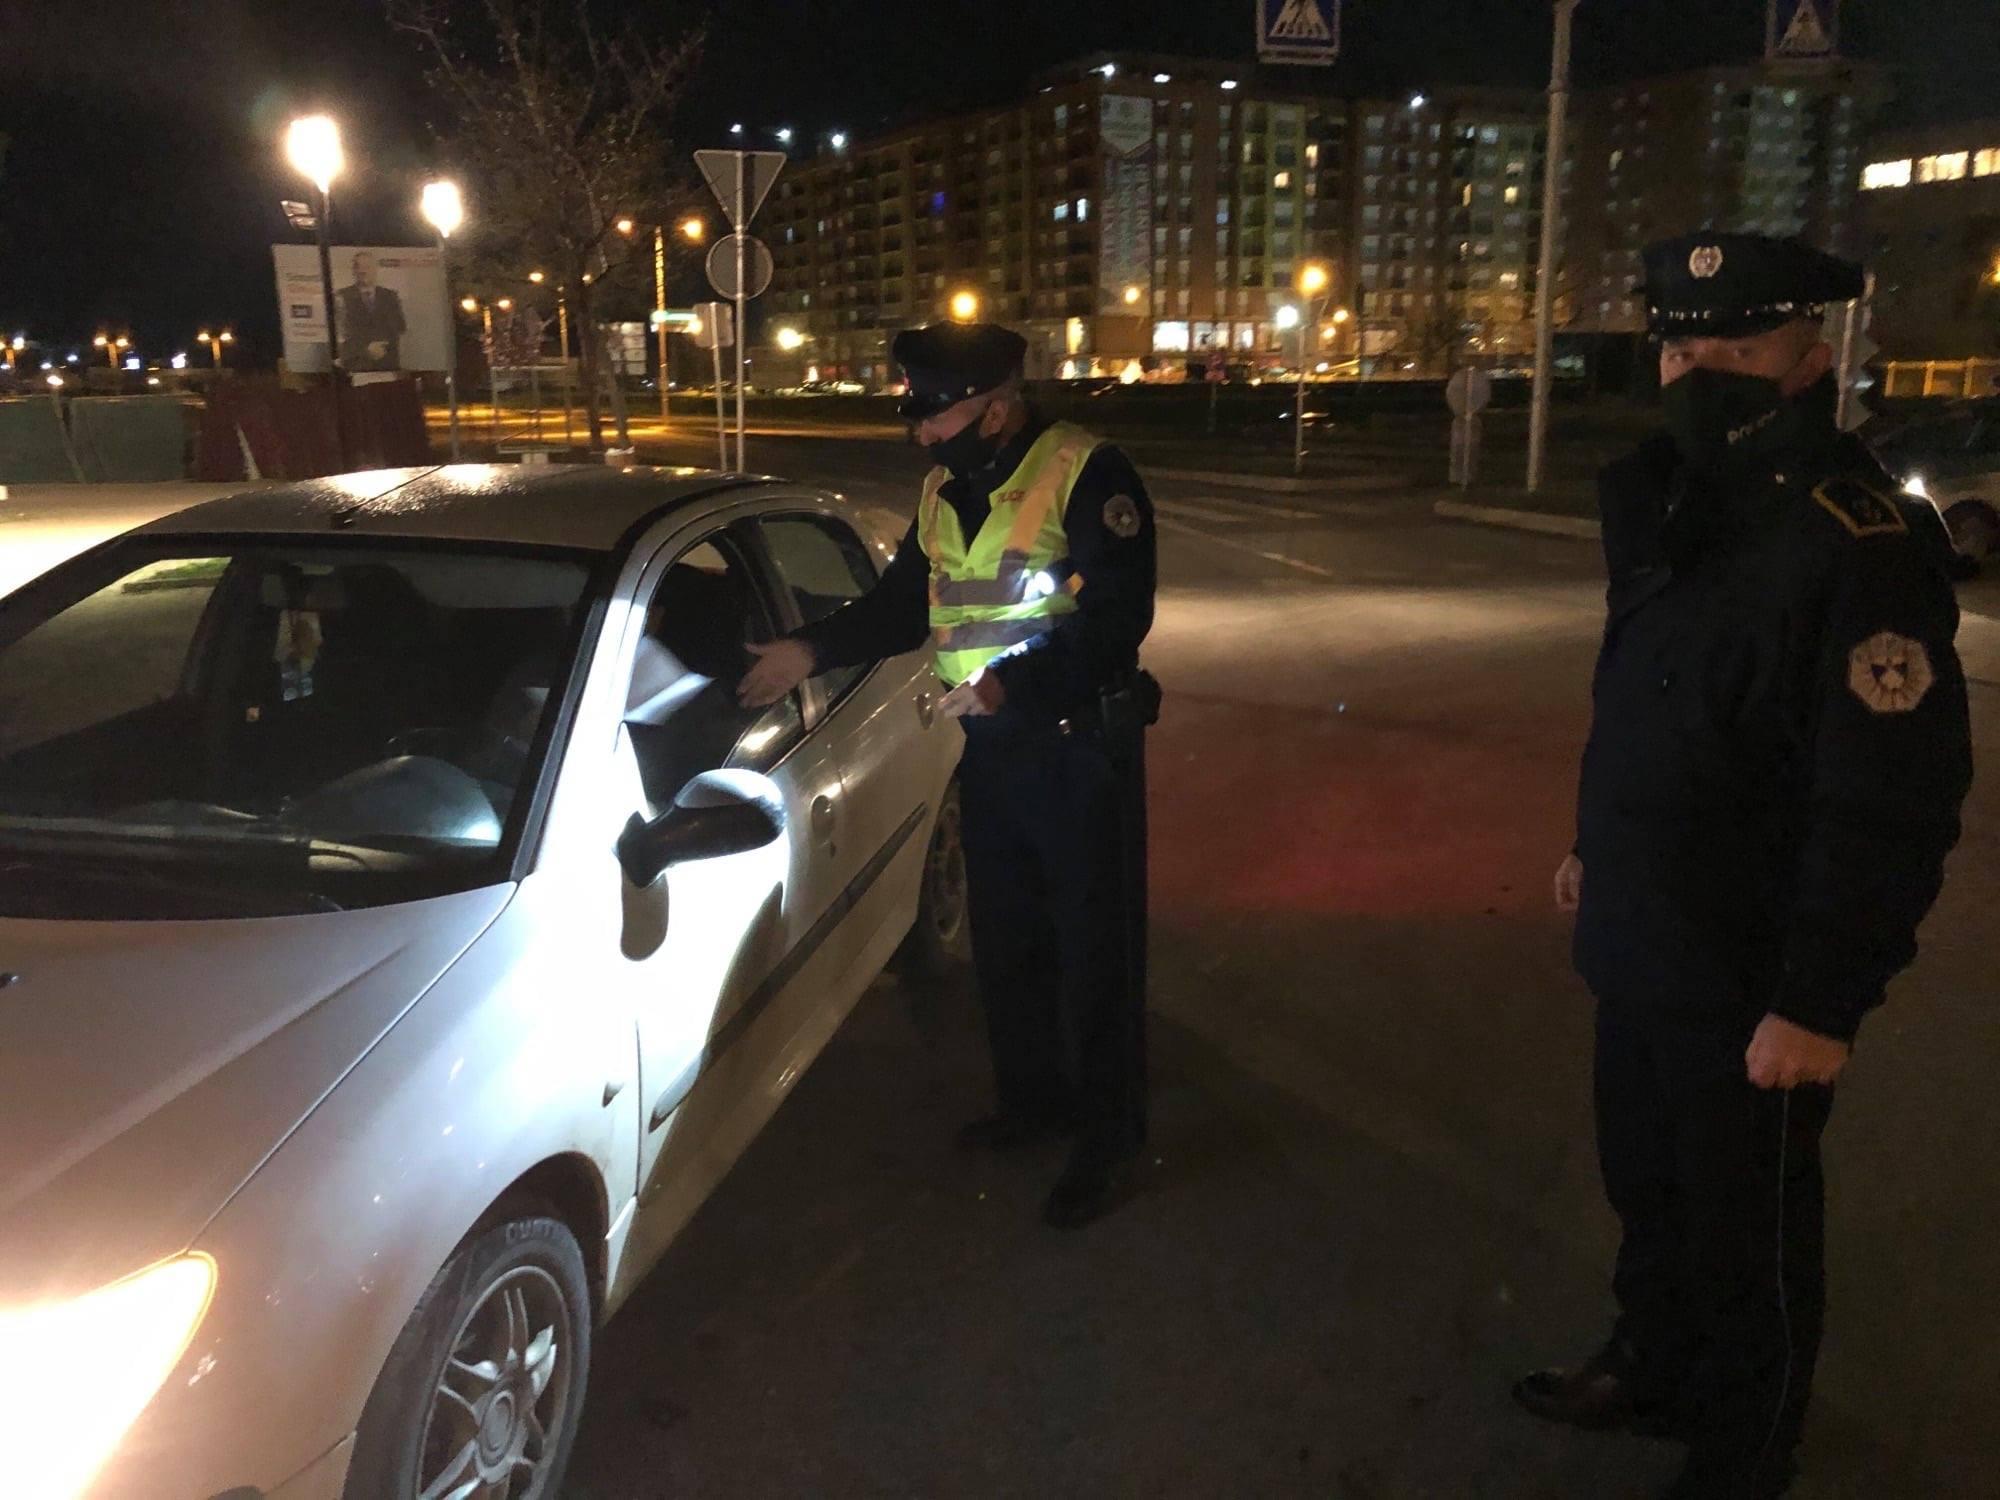 Të premten policia ka dënuar mbi 700 qytetarë në bazë të ligjit anti-COVID